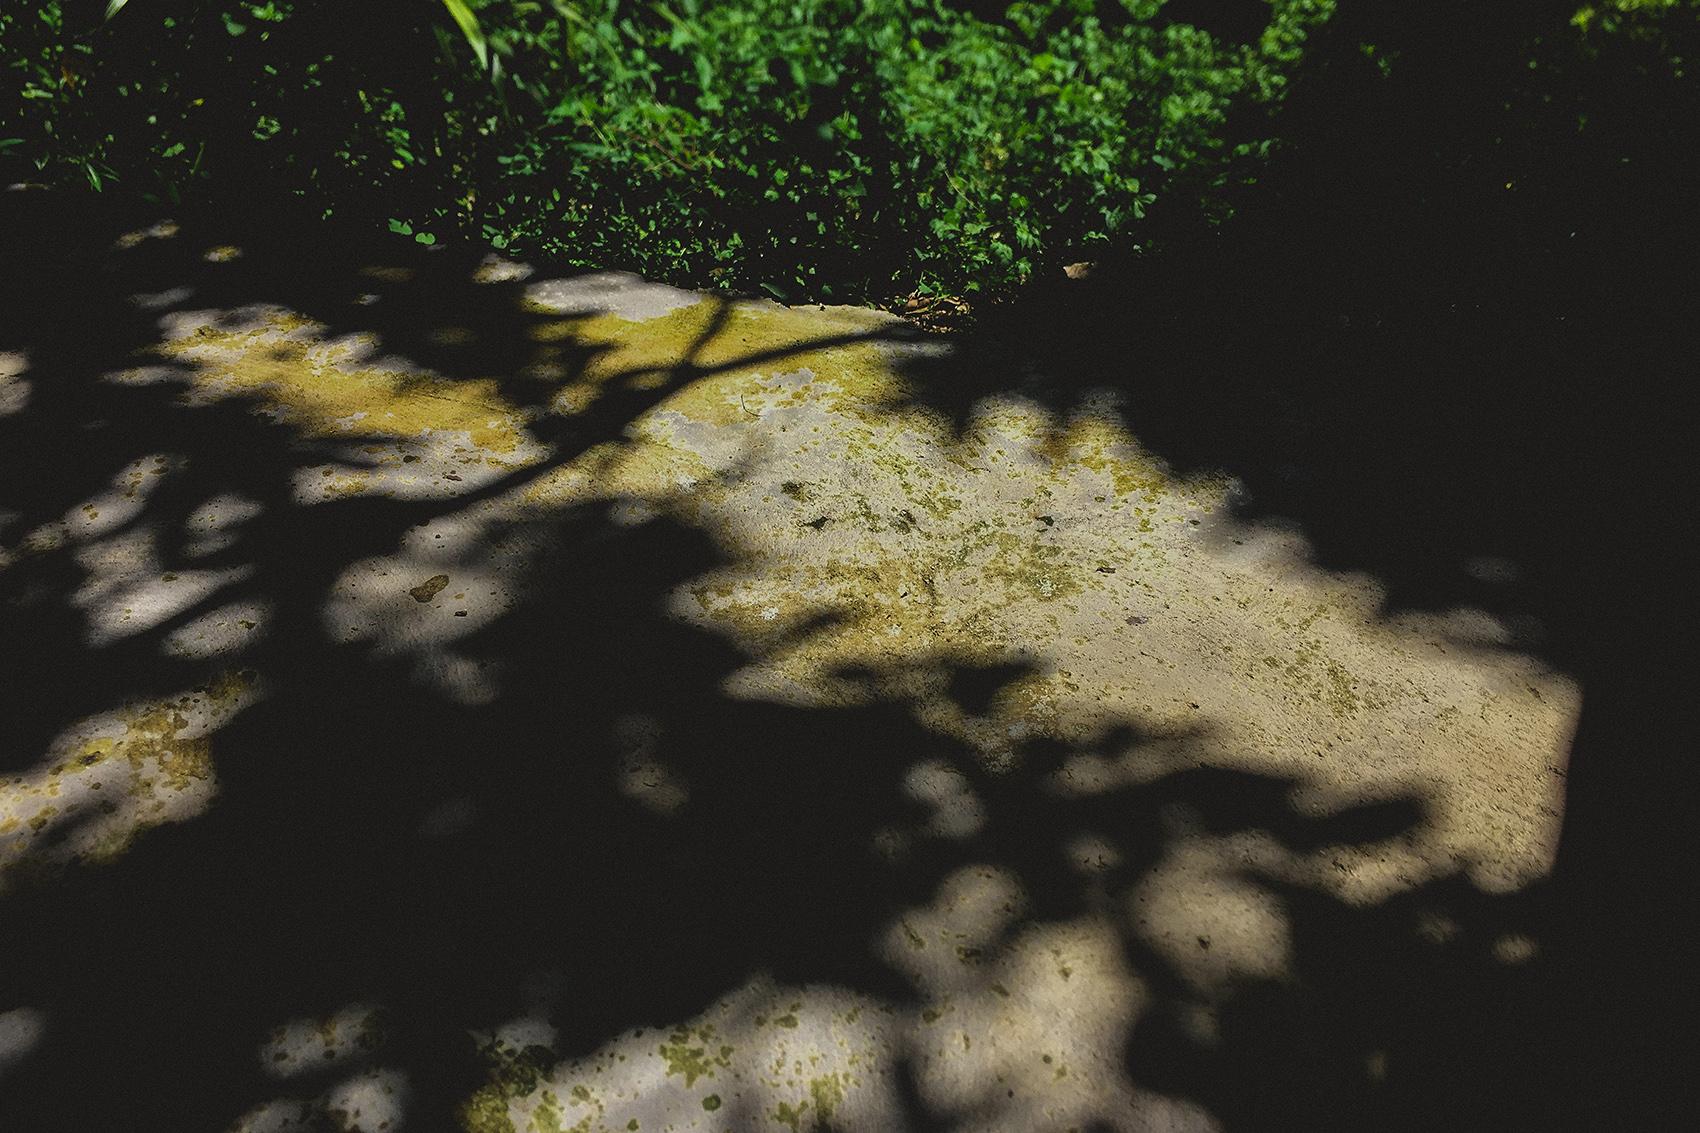 batansabocottage-nusapenidahotels-10placetovisitwhenyoutraveltobali-kelingkingbeach5